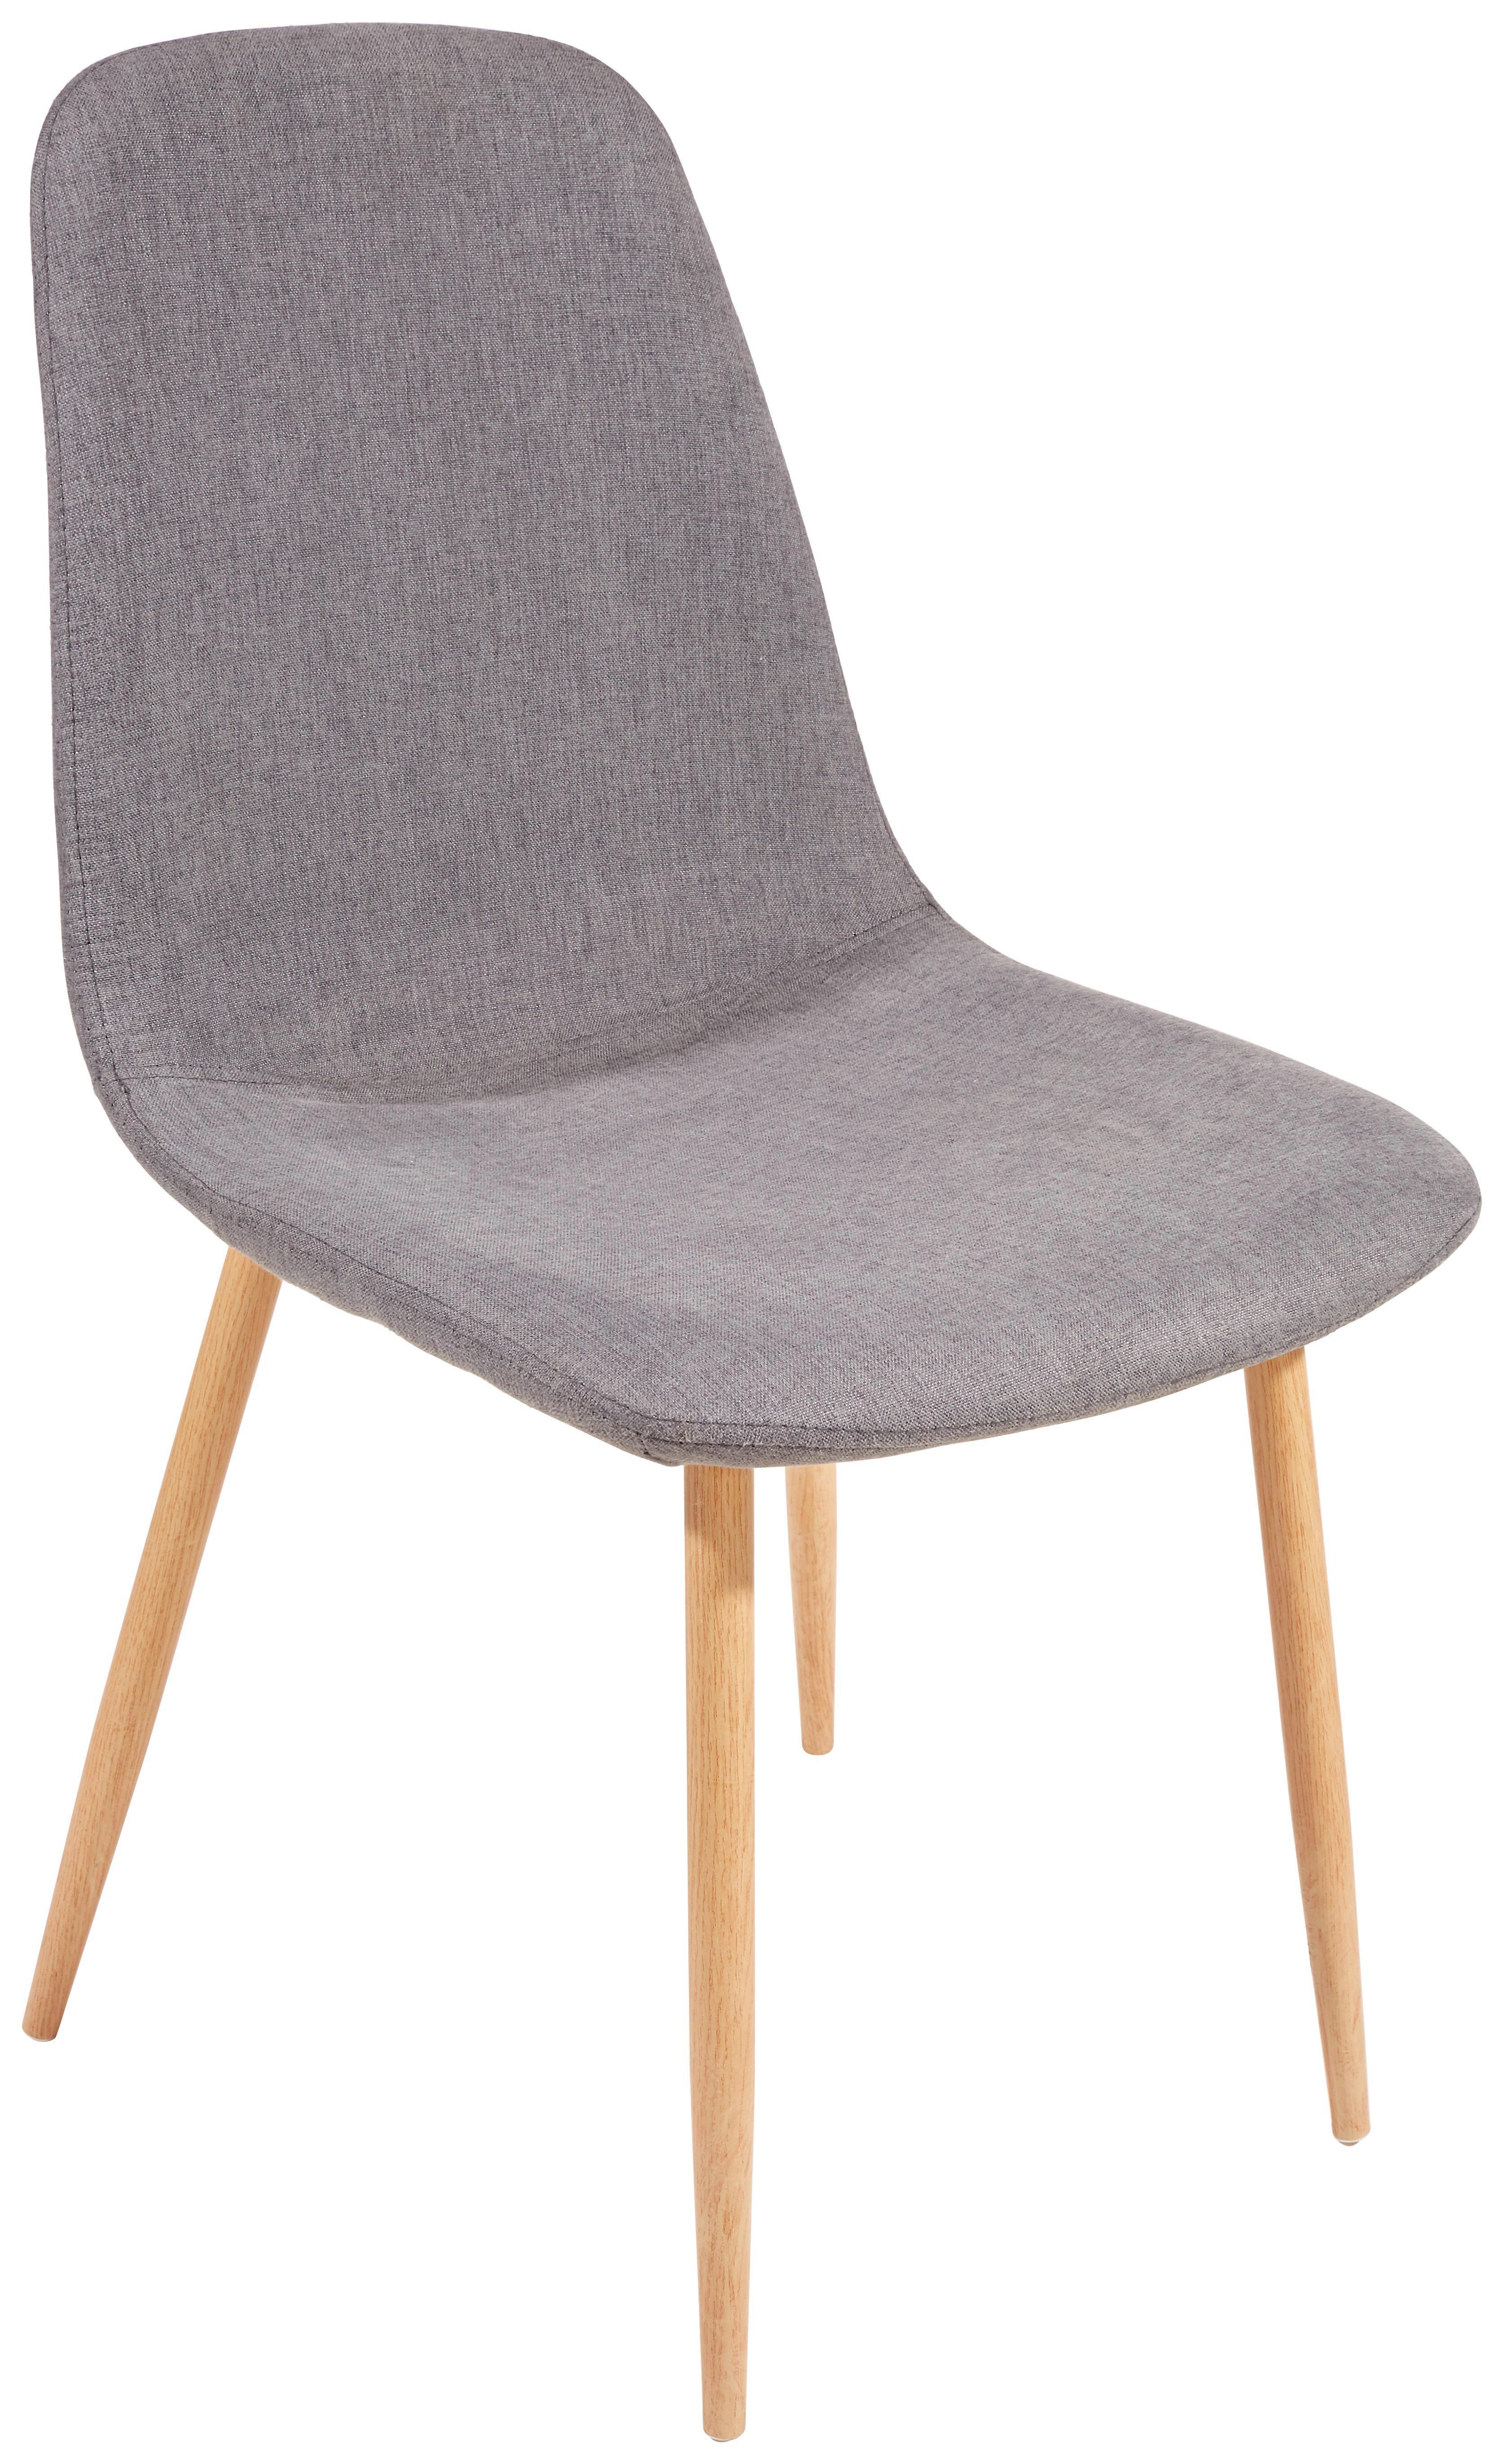 stuhl online cool sit stuhl in er set with stuhl online elegant stuhl von voglauer stuhl. Black Bedroom Furniture Sets. Home Design Ideas